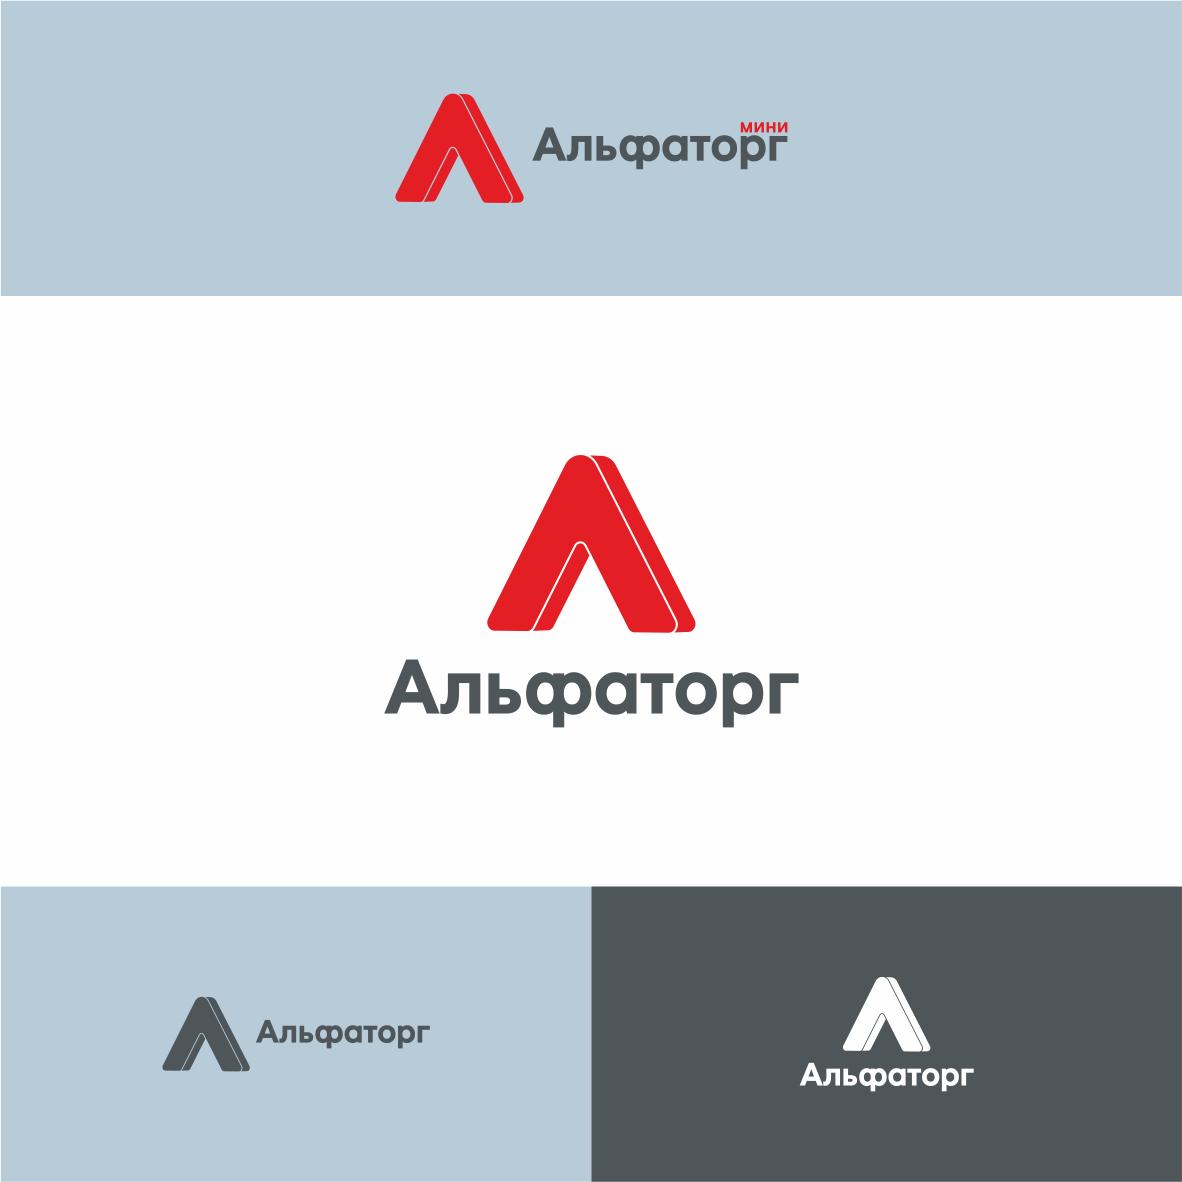 Логотип и фирменный стиль фото f_5735ef5fc823b6a0.png